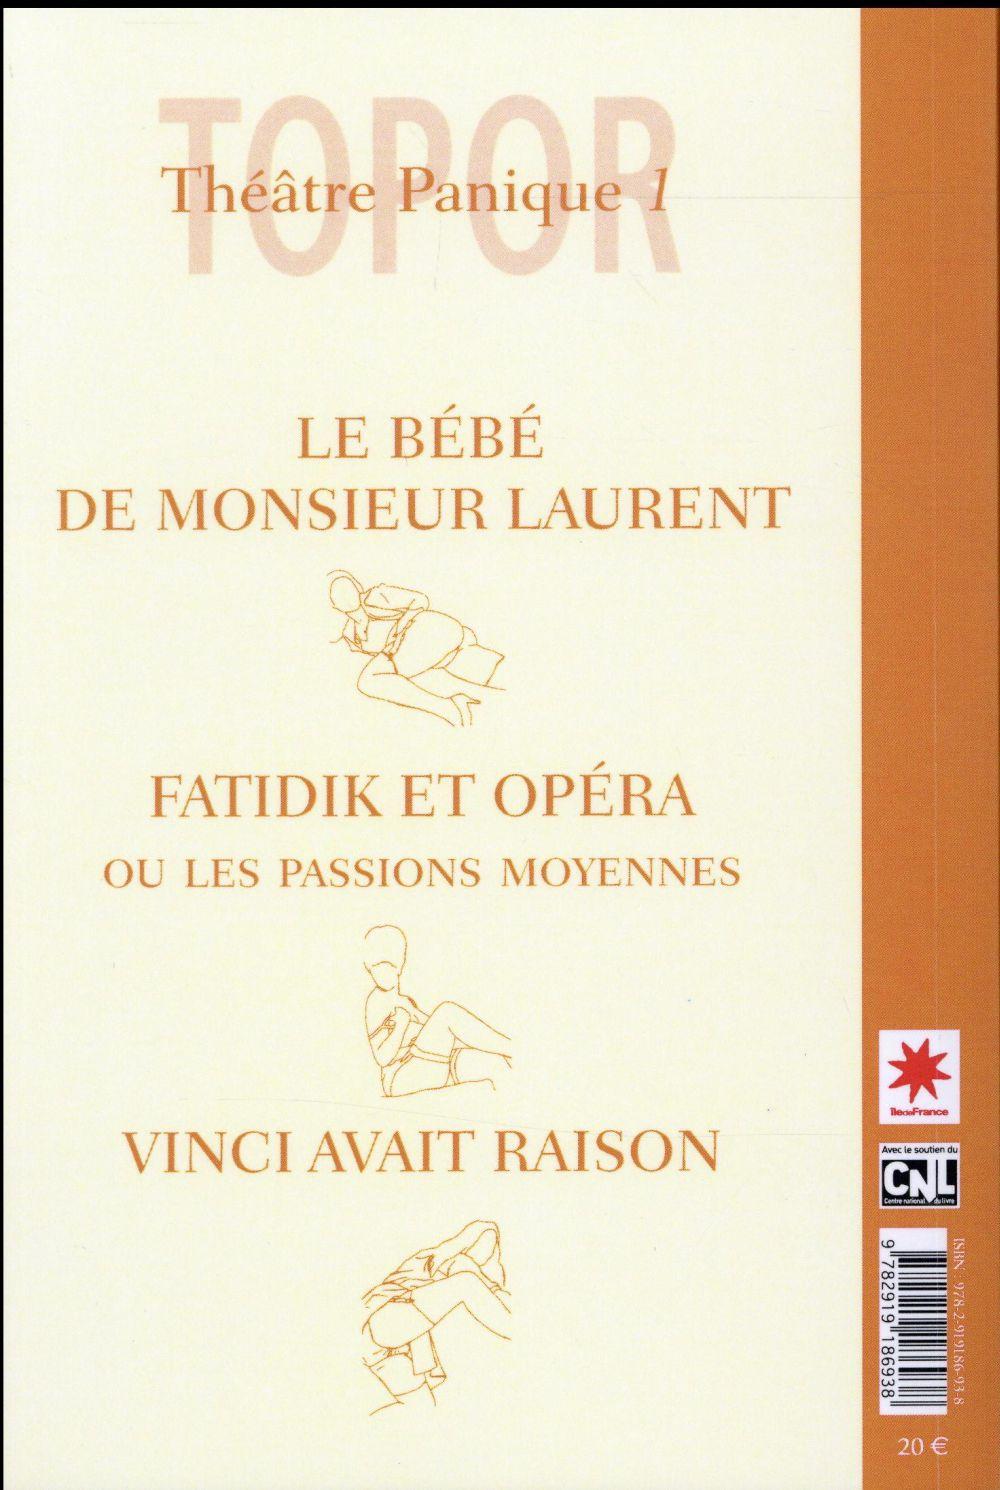 théâtre panique t.1 ; le bébé de Monsieur Laurent, Fatidik et Opéra, ou les passions moyennes, Vinci avait raison